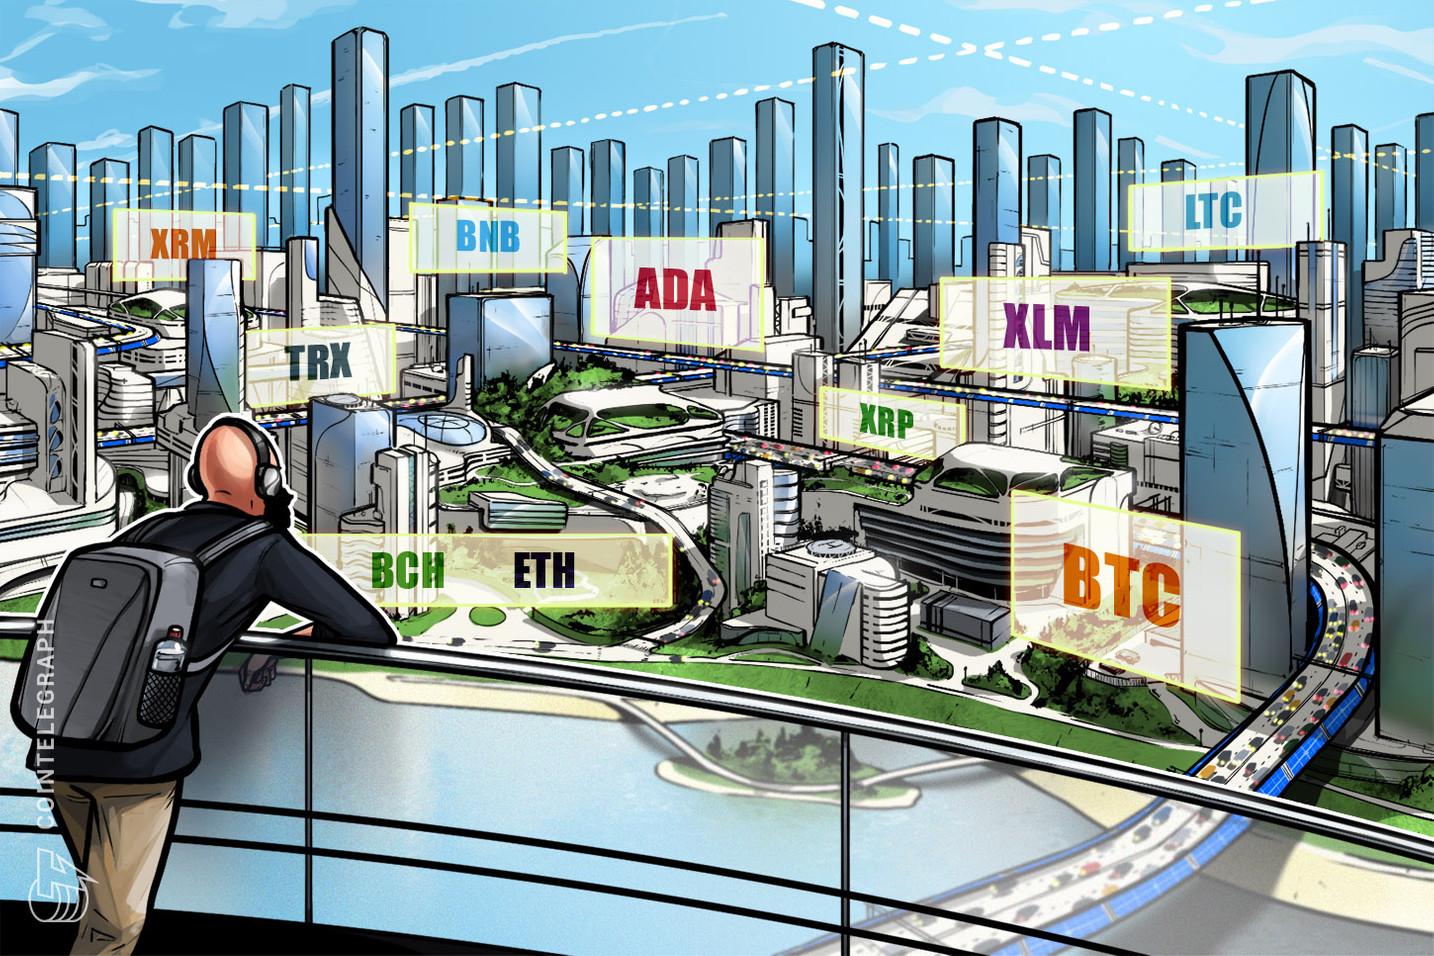 Kursanalyse, 29. März: Bitcoin, Ethereum, Ripple, EOS, Litecoin, Bitcoin Cash, Binance Coin, Stellar, Cardano, Tron